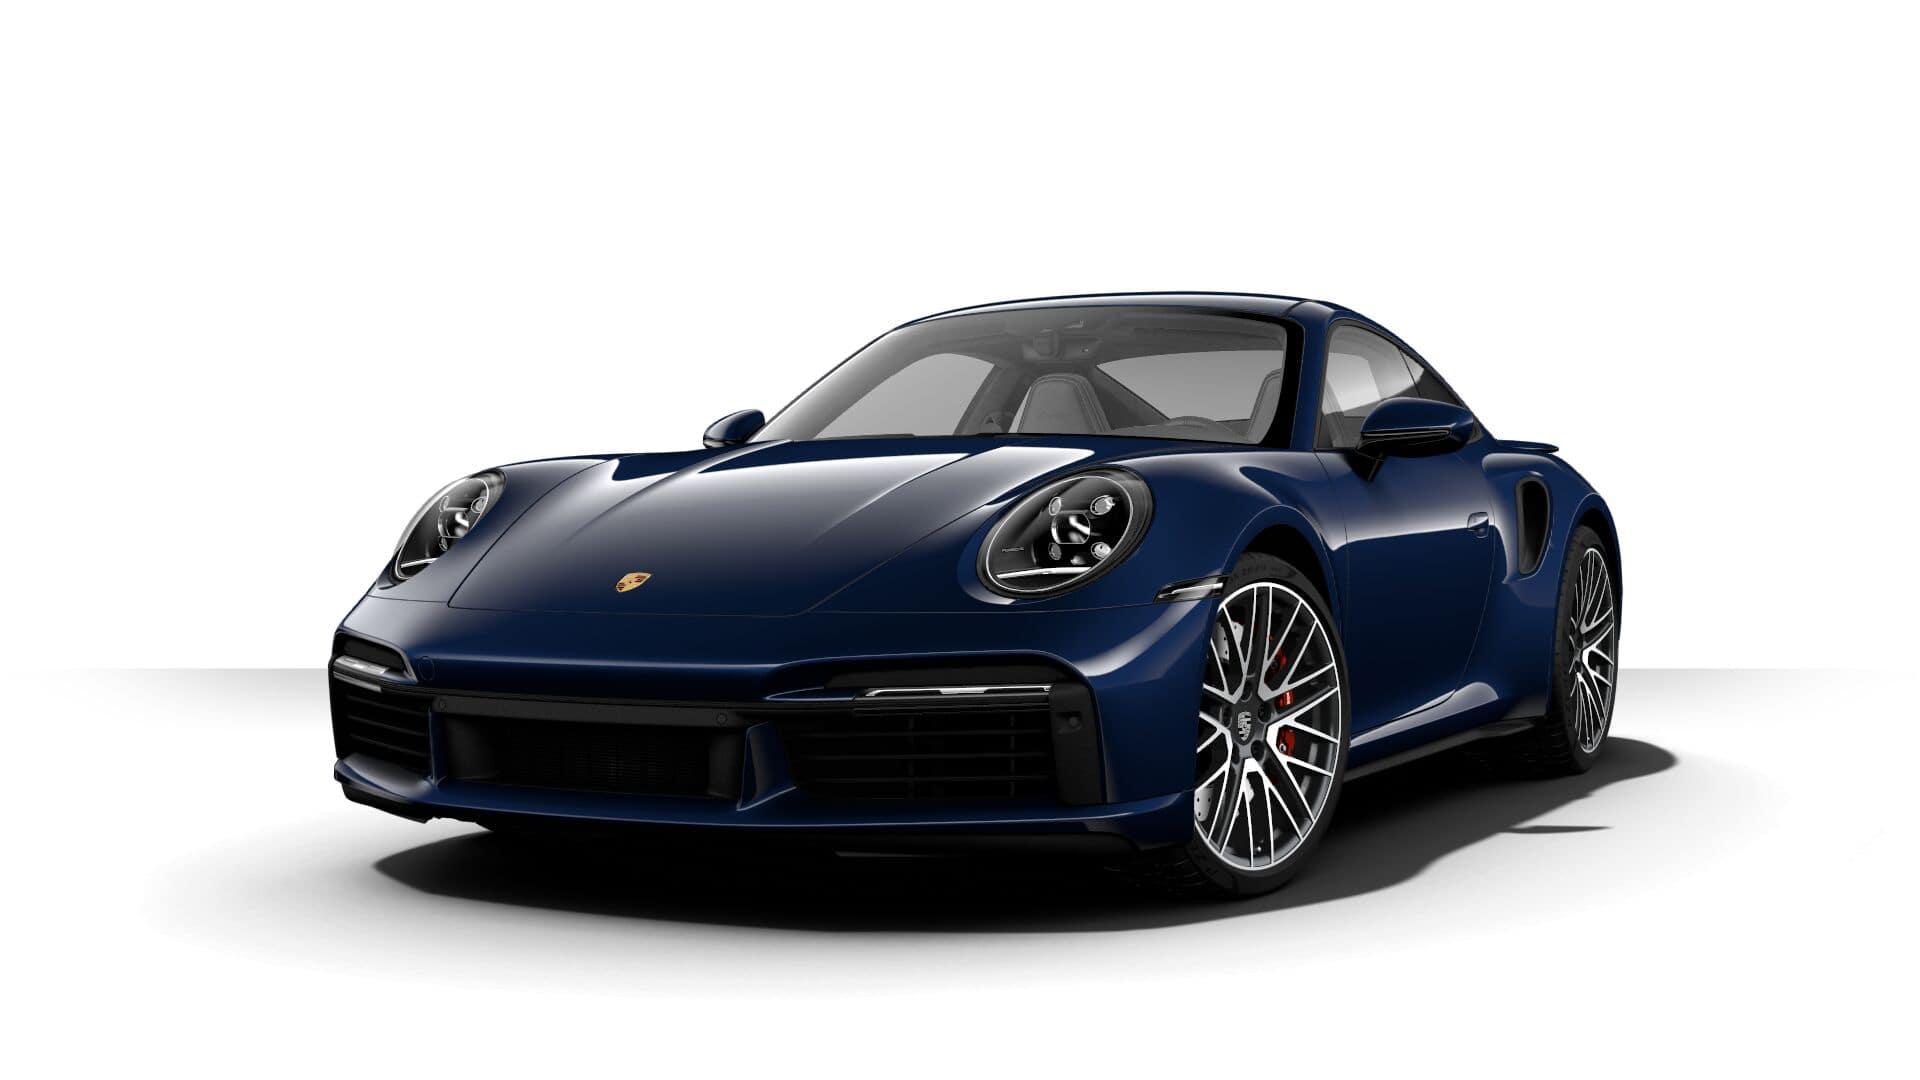 New 2021 Porsche Macan | Porsche St. Paul